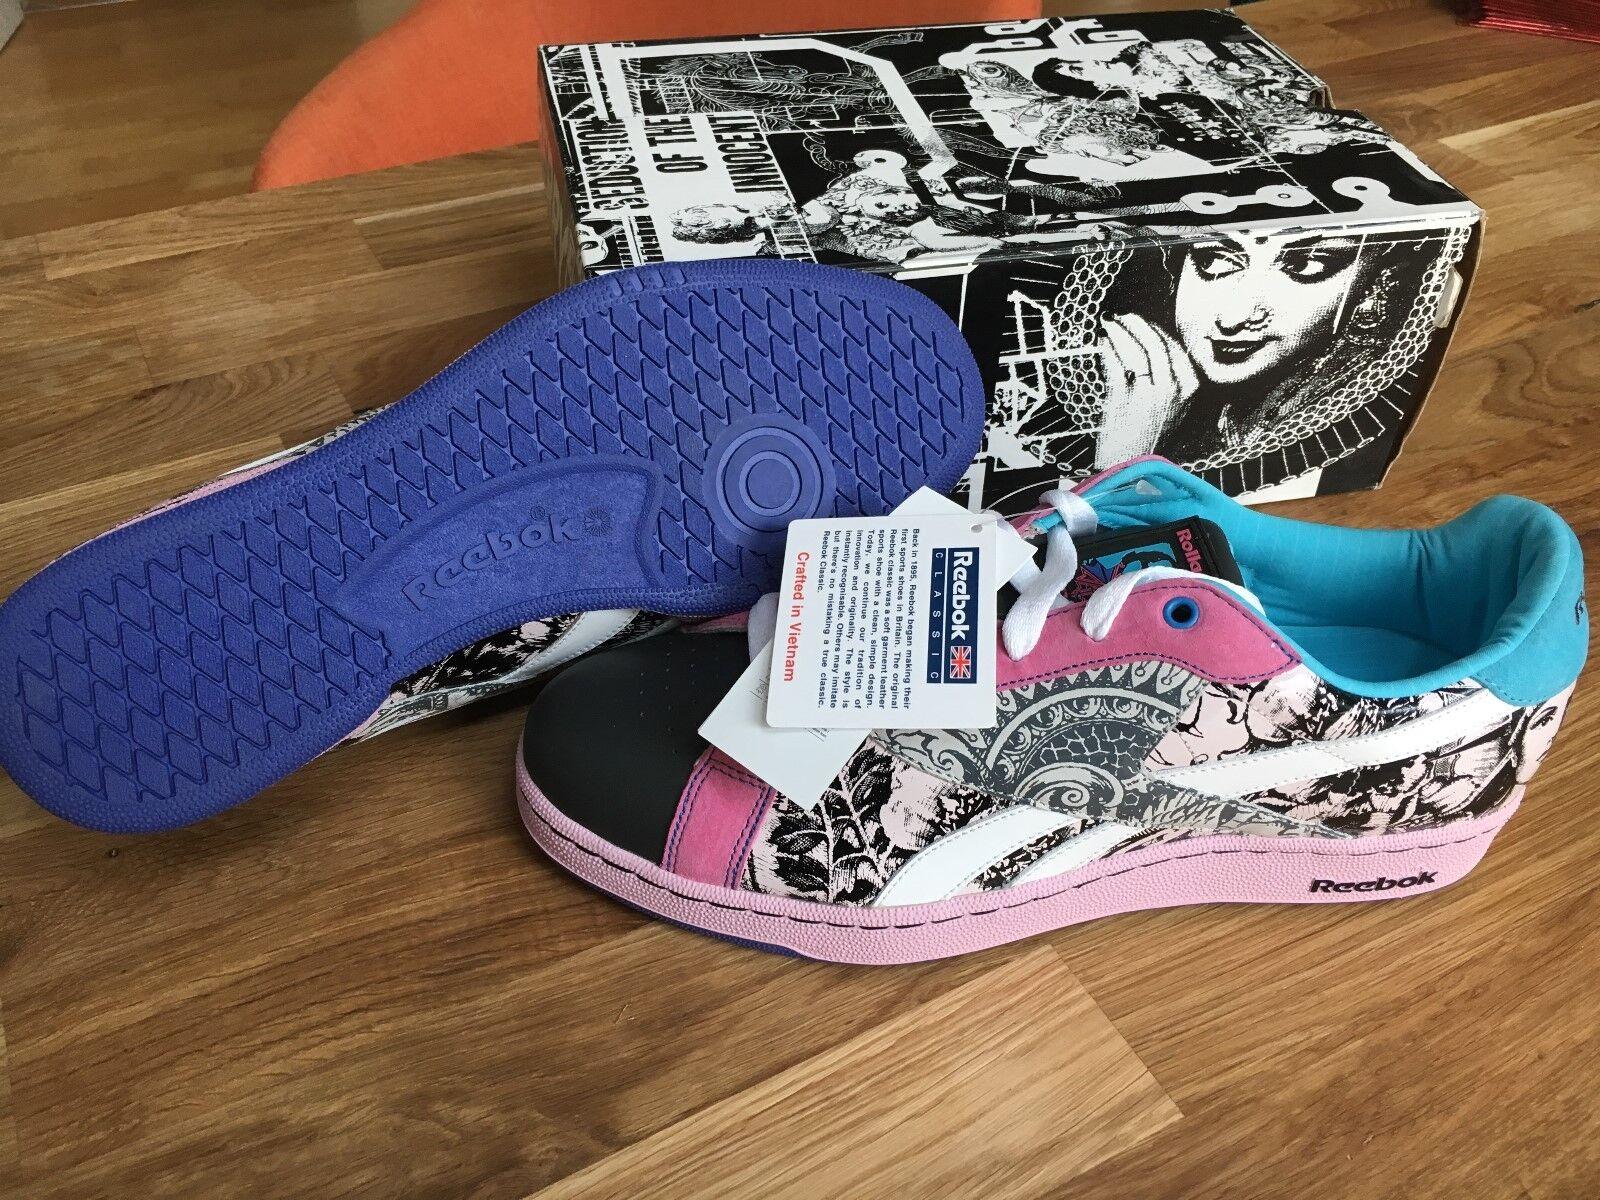 Reebok Sneakers - extrem coole Designer Schuhe von Rolland Berry GR. 44,5